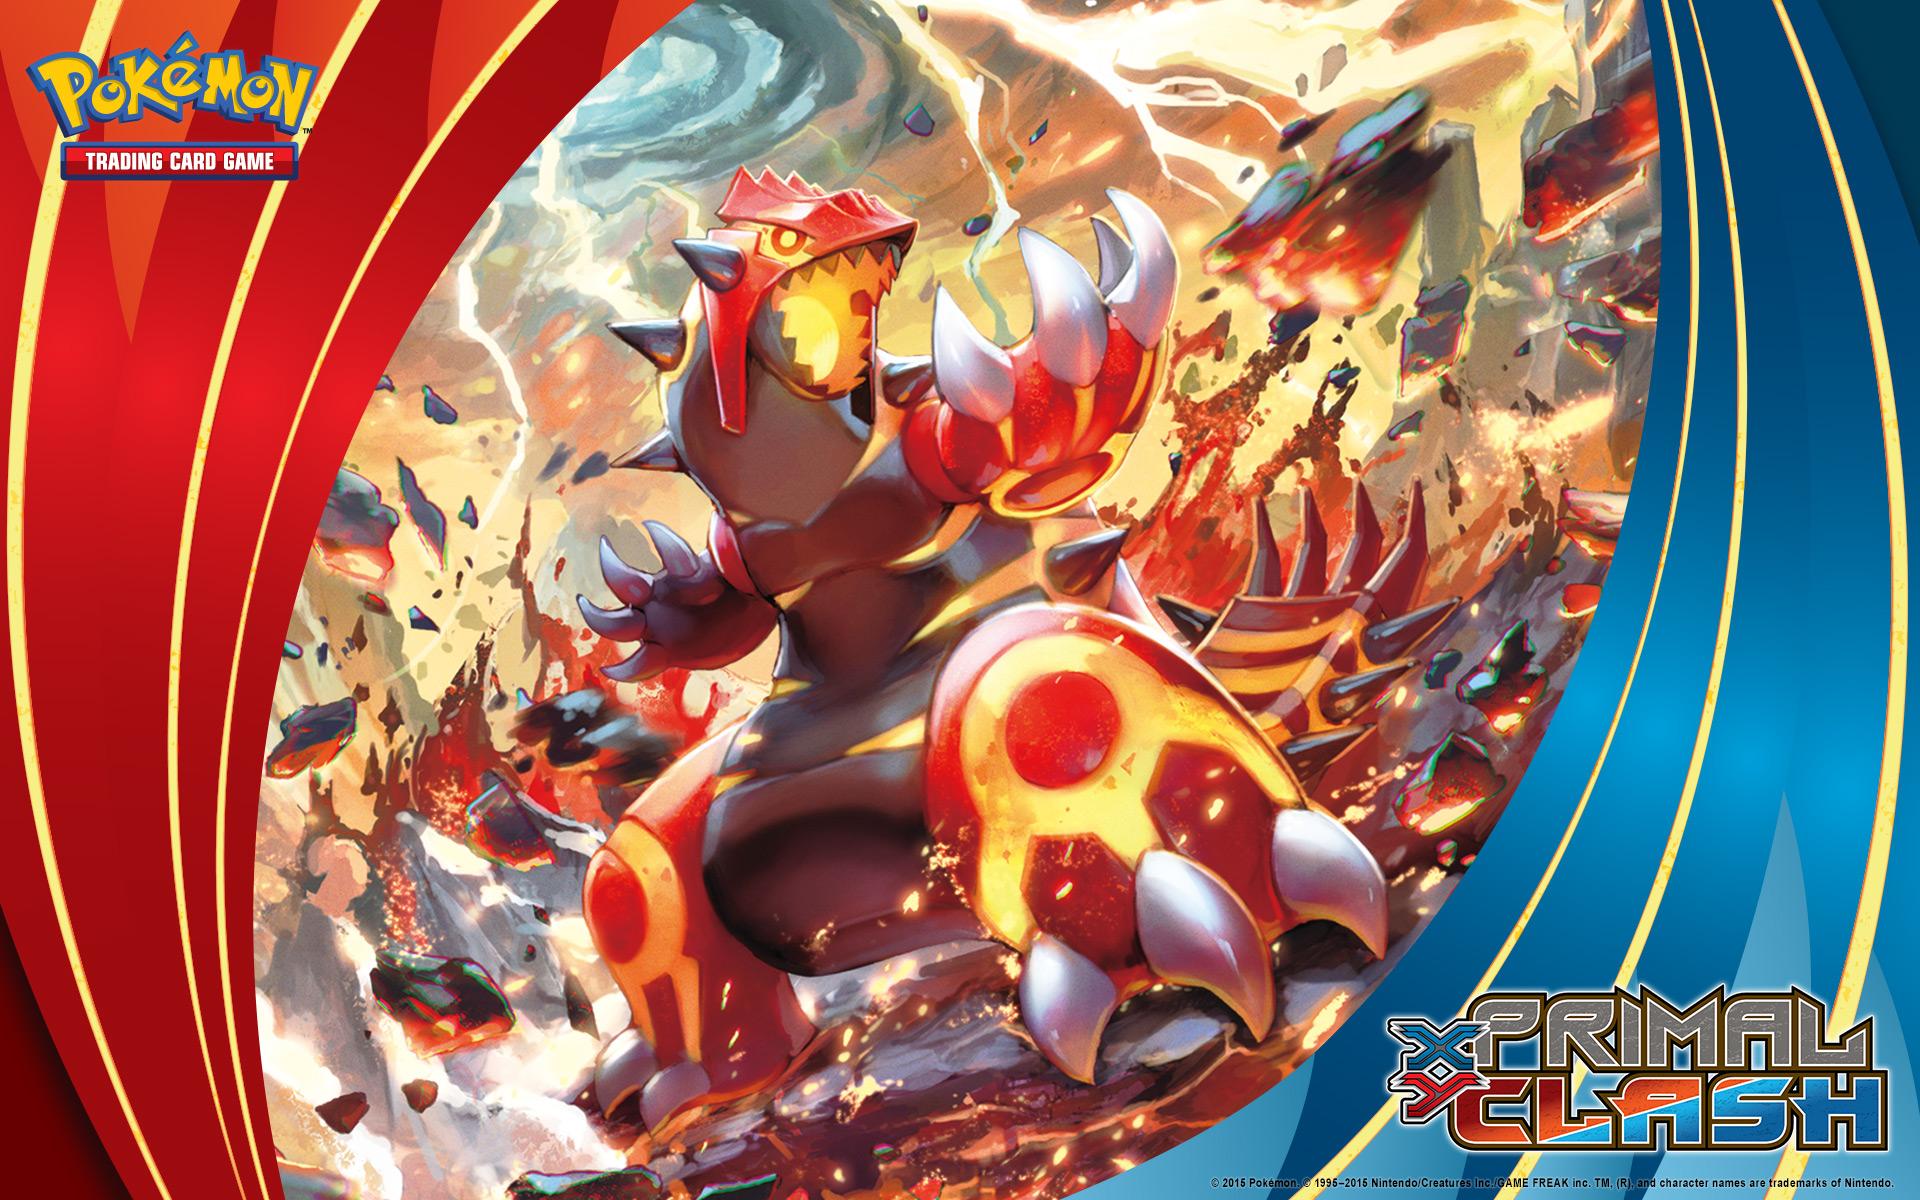 Primal Kyogre Wallpaper pokémon wallpapers | pokemon